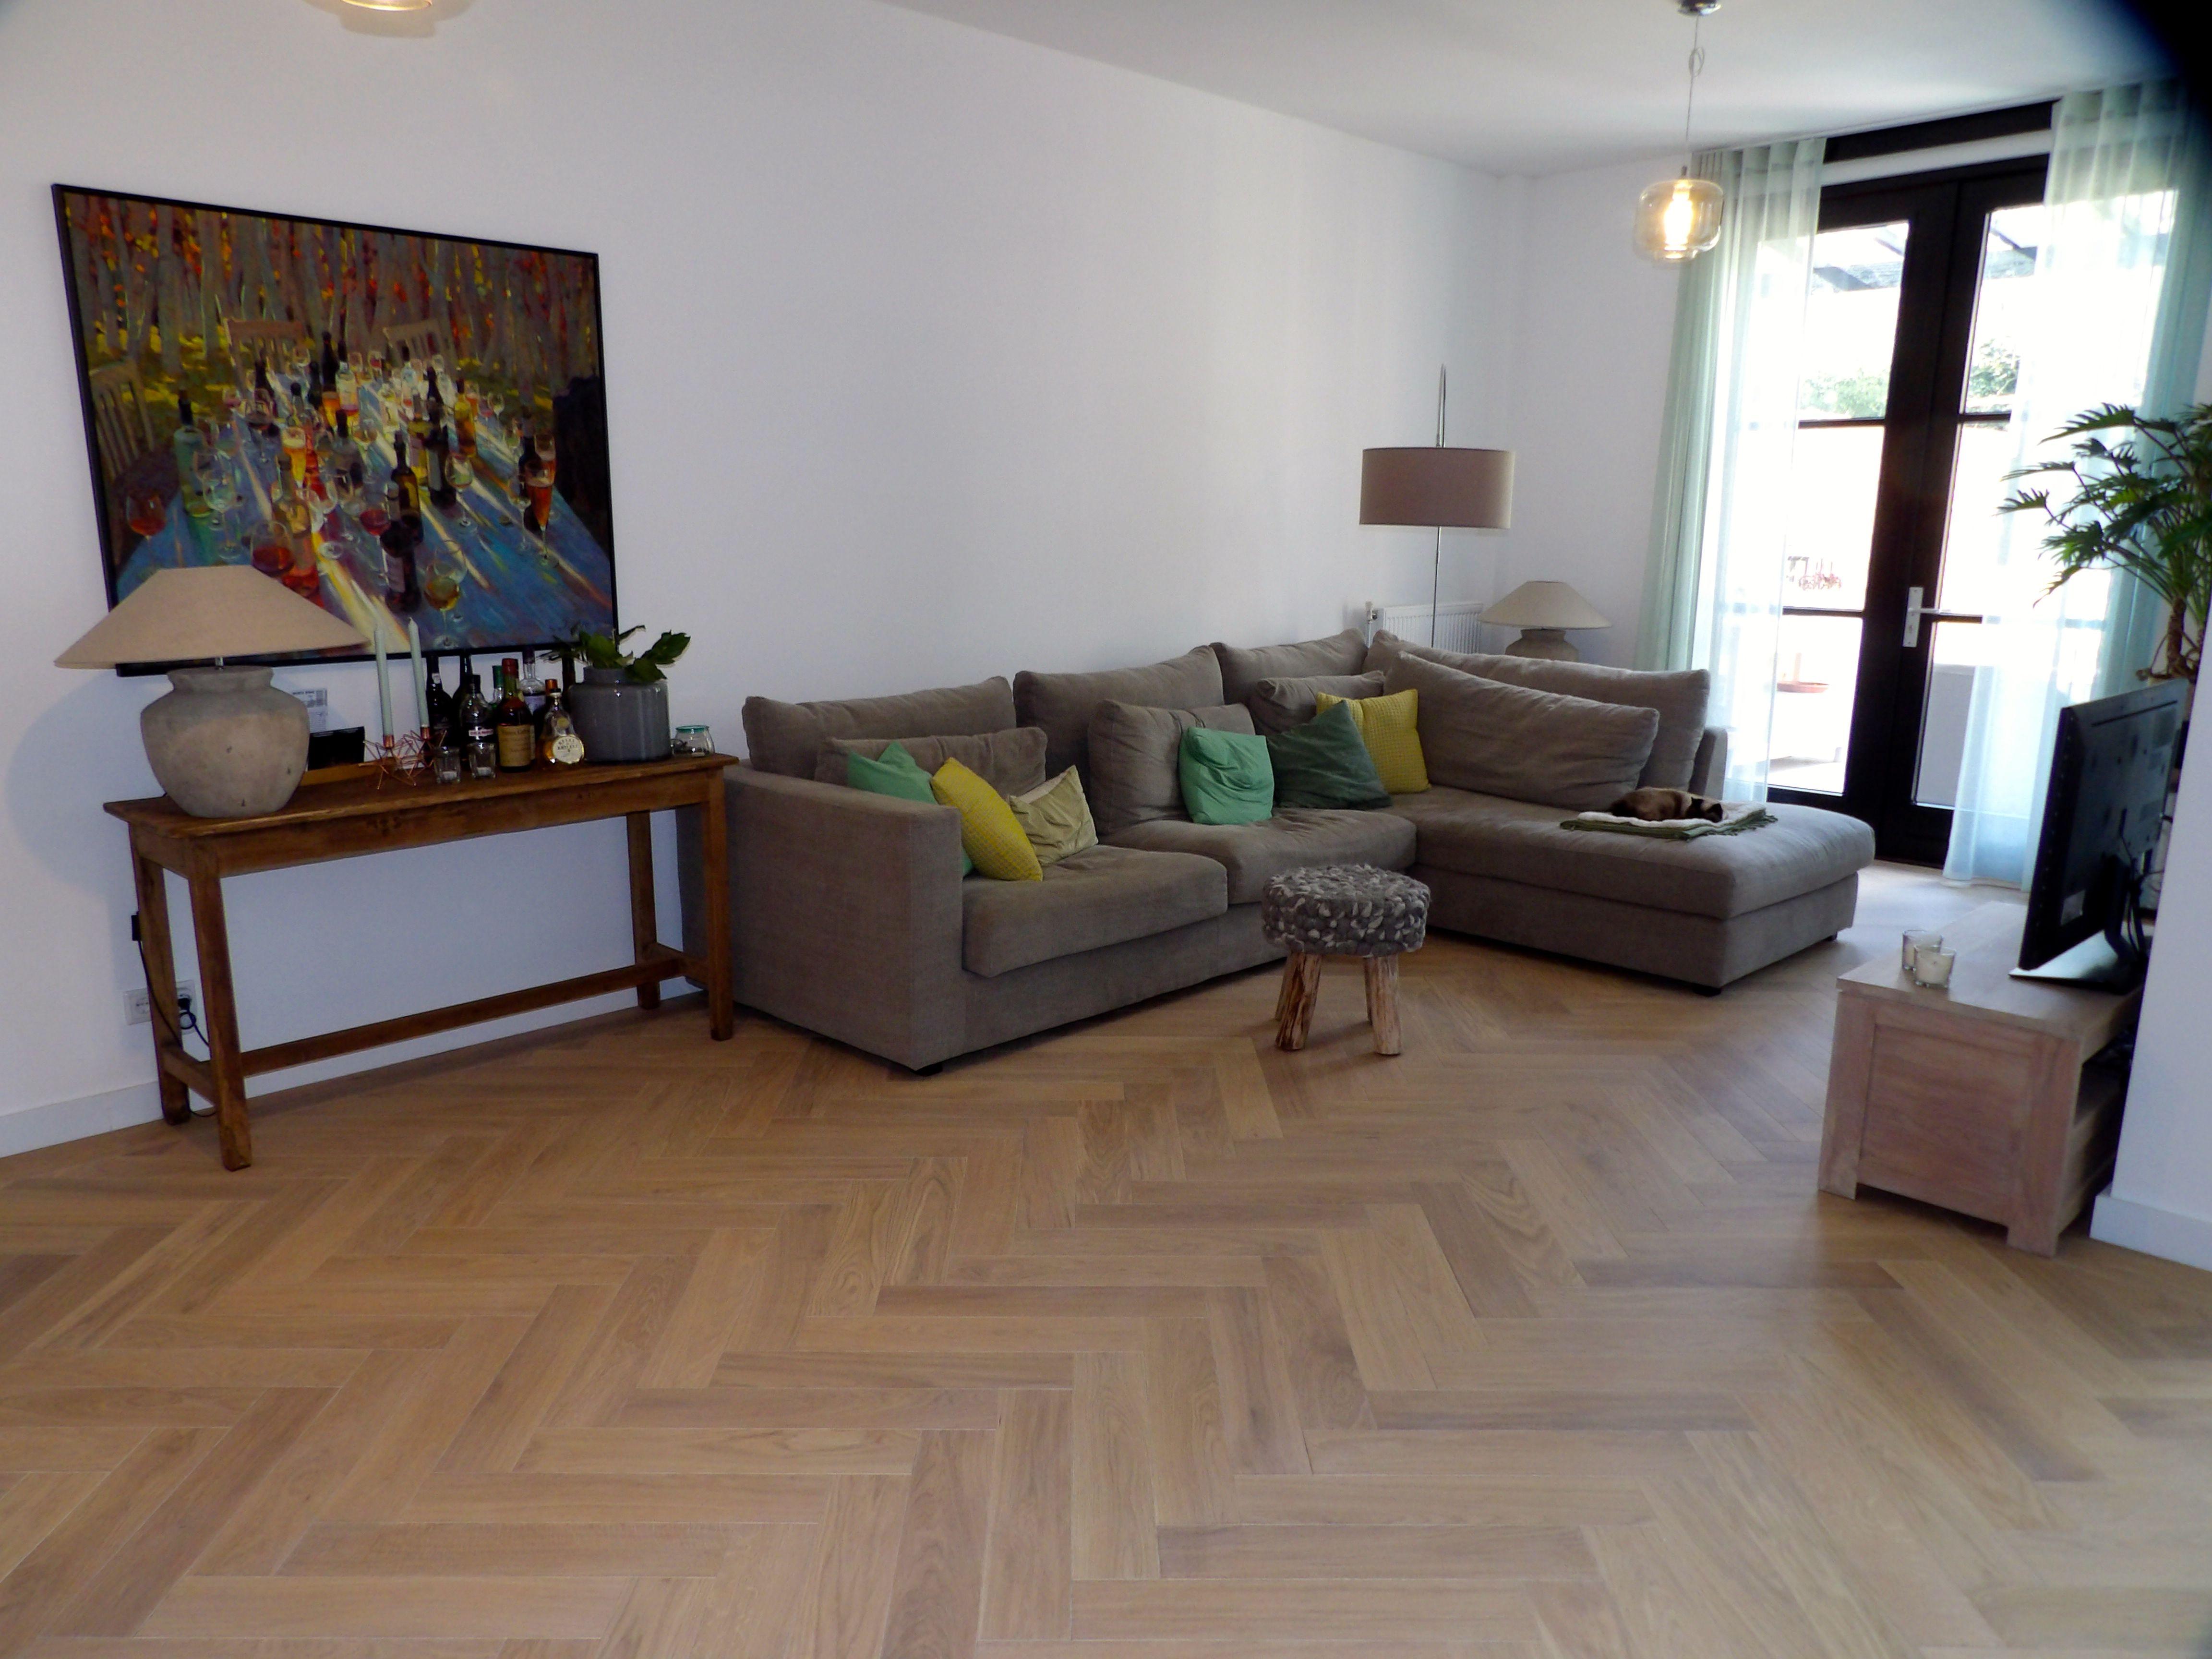 Visgraat vloer zonder noesten in de woonkamer - www.fairwood.nl ...